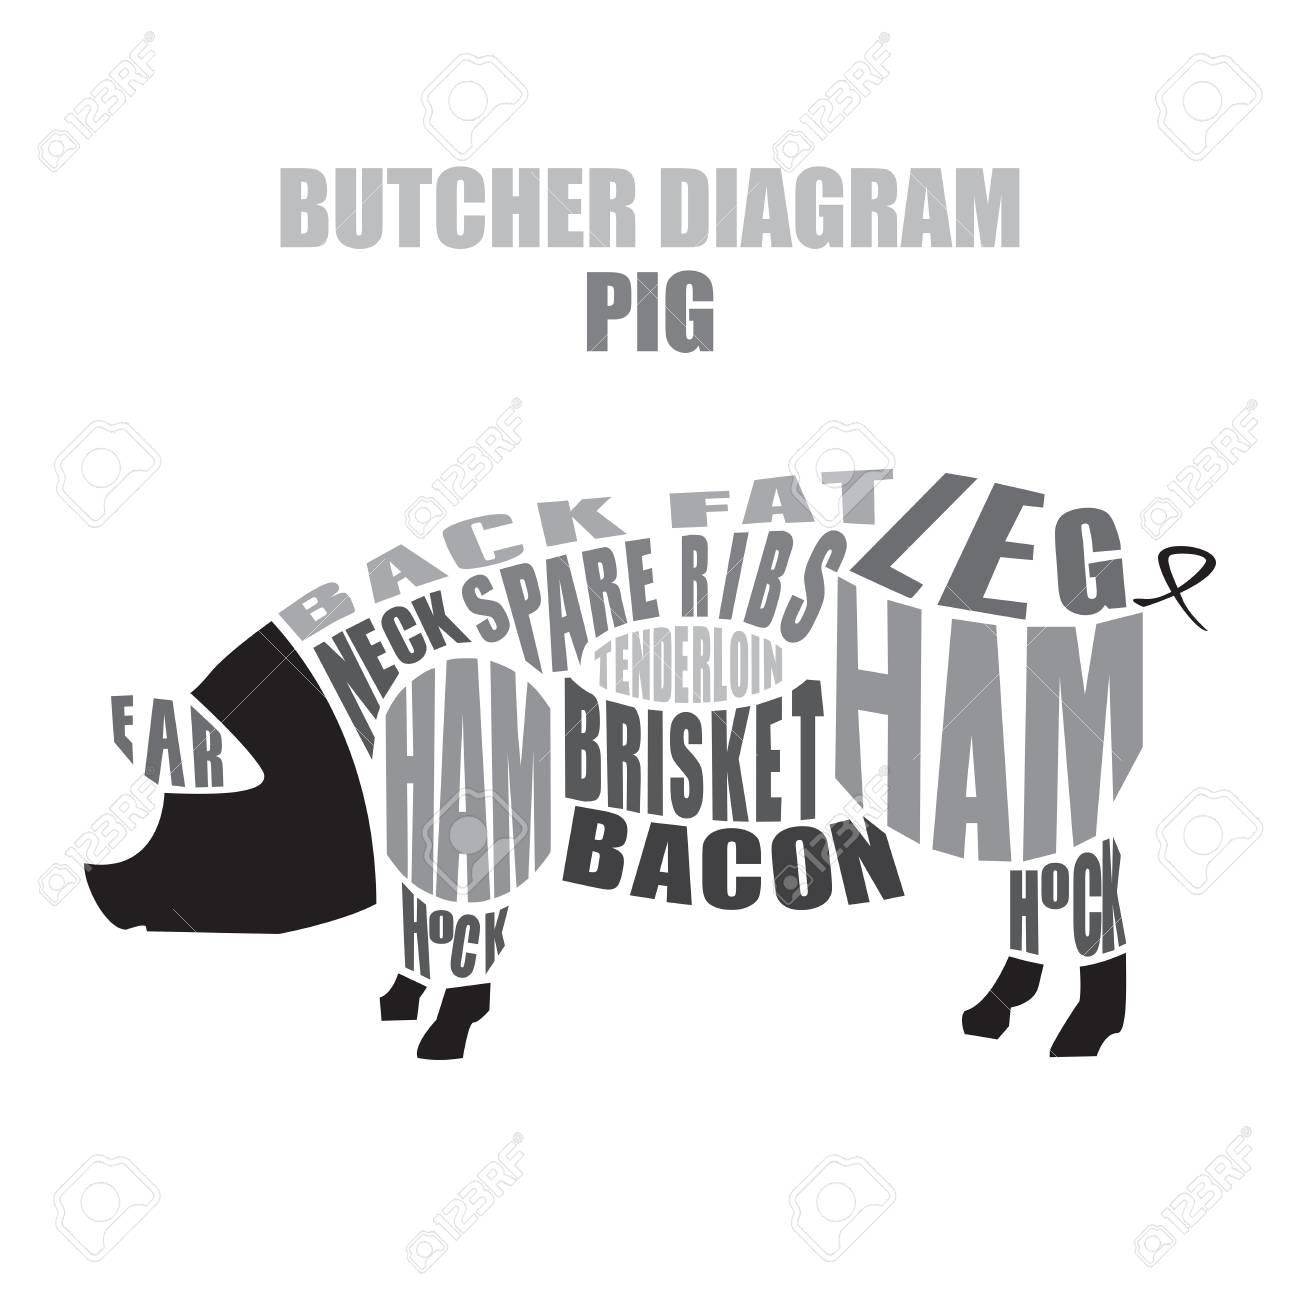 74396810 butcher diagram of pork pig cuts butcher diagram of pork pig cuts royalty free cliparts, vectors